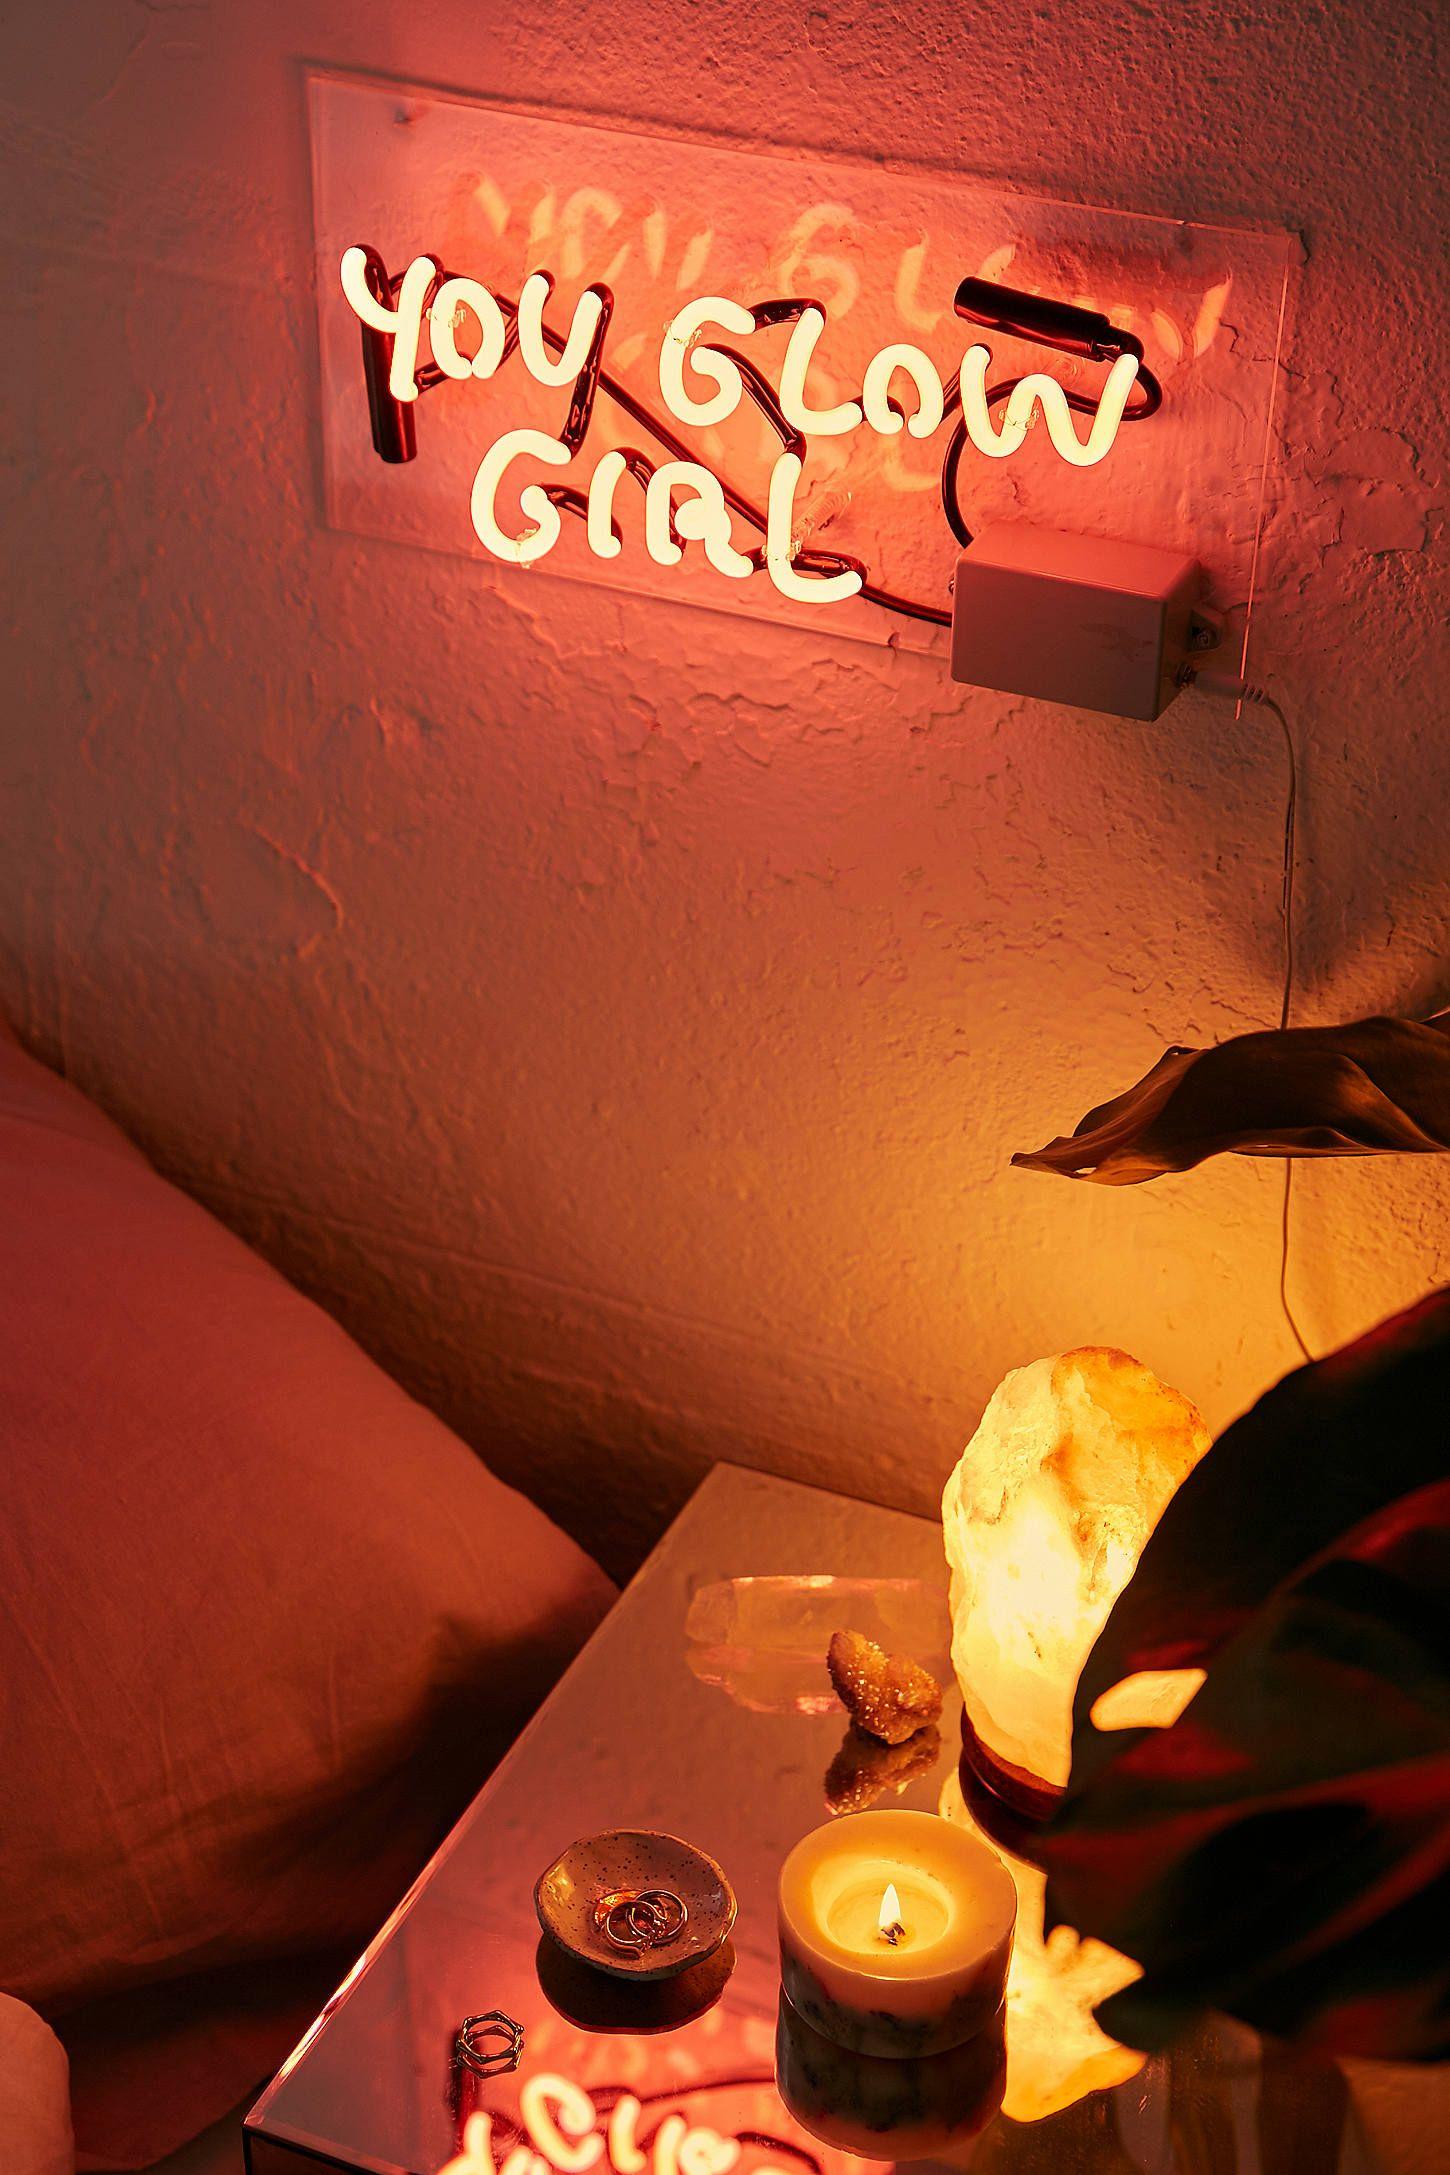 Amber Ibarreche UO Exclusive You Glow Girl Neon Sign